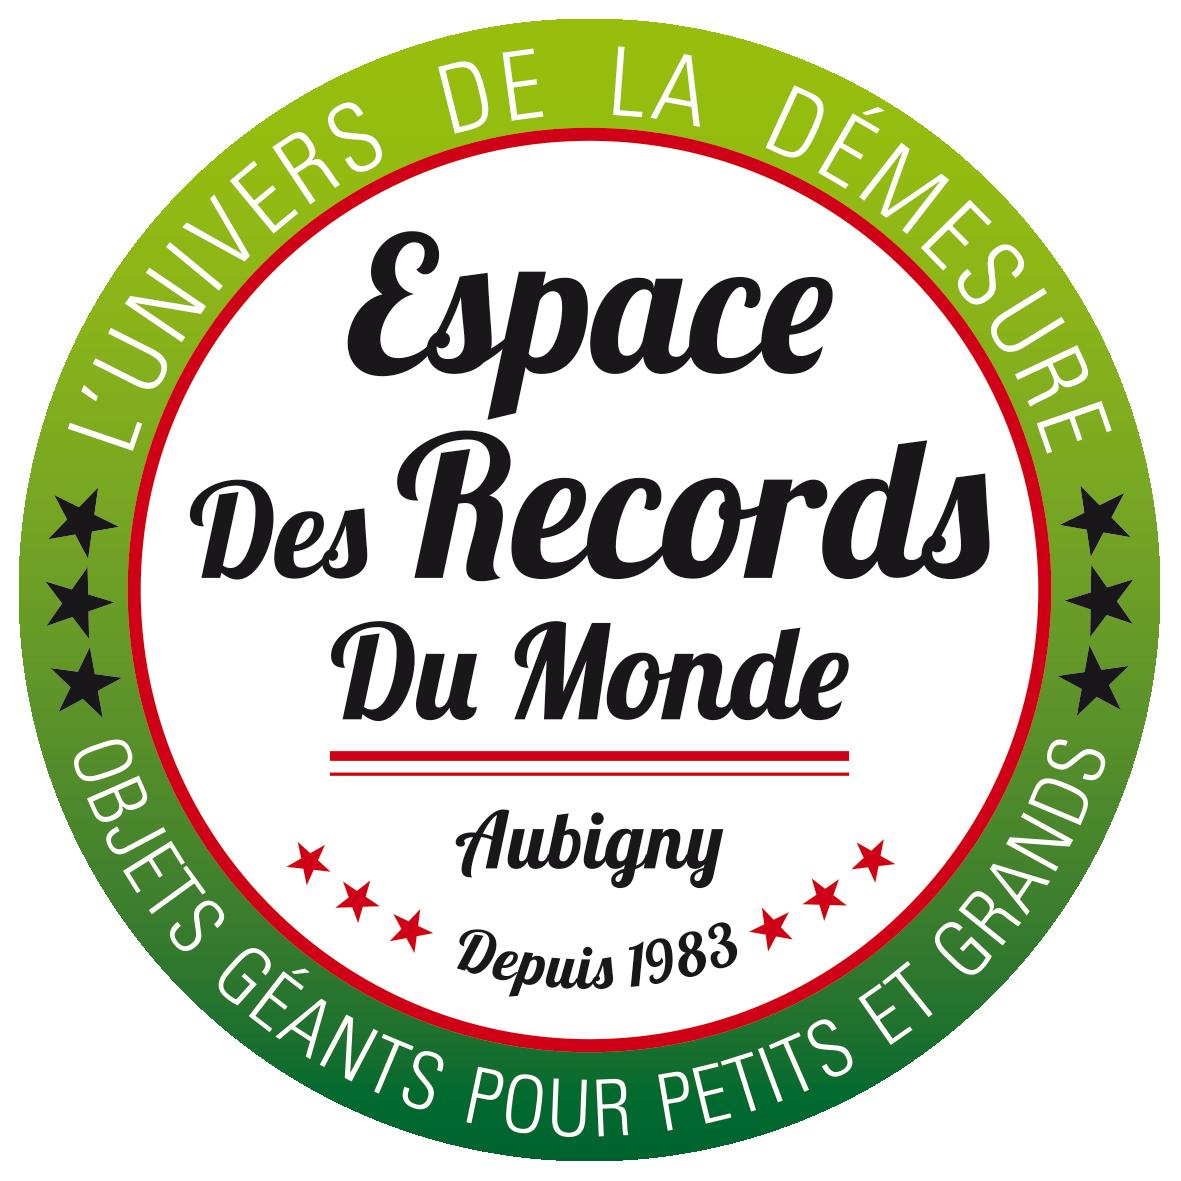 Espace des Records